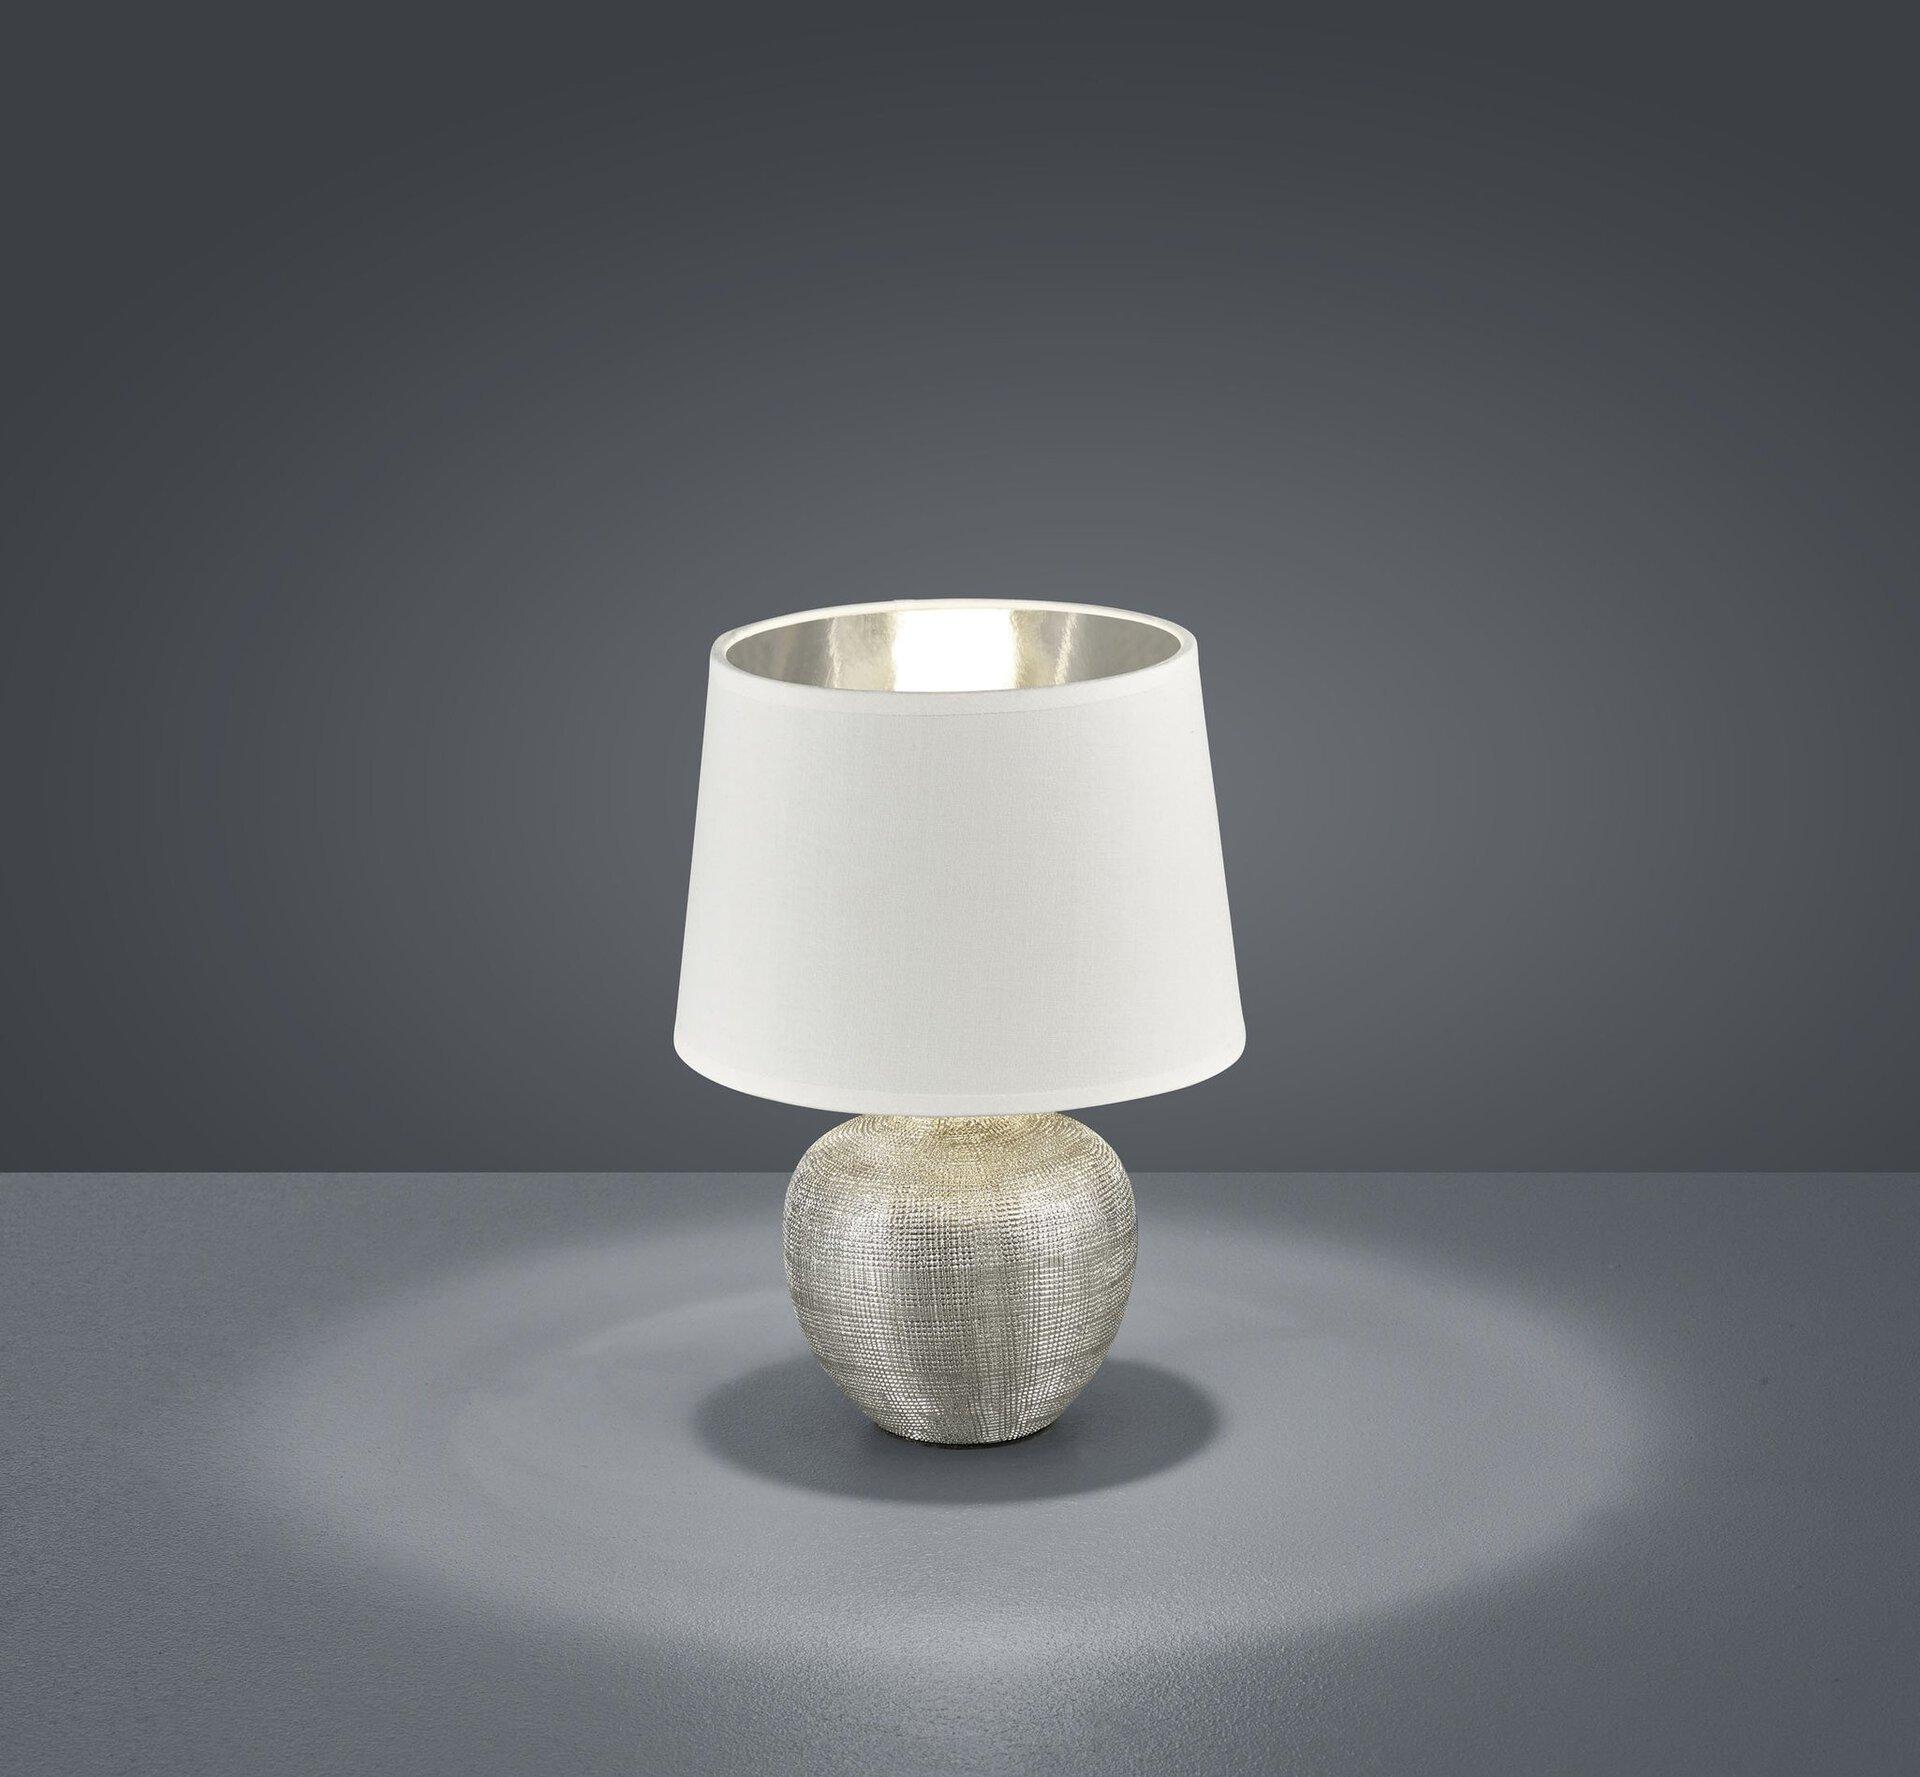 Tischleuchte Luxor Reality Leuchten Keramik 18 x 26 x 18 cm